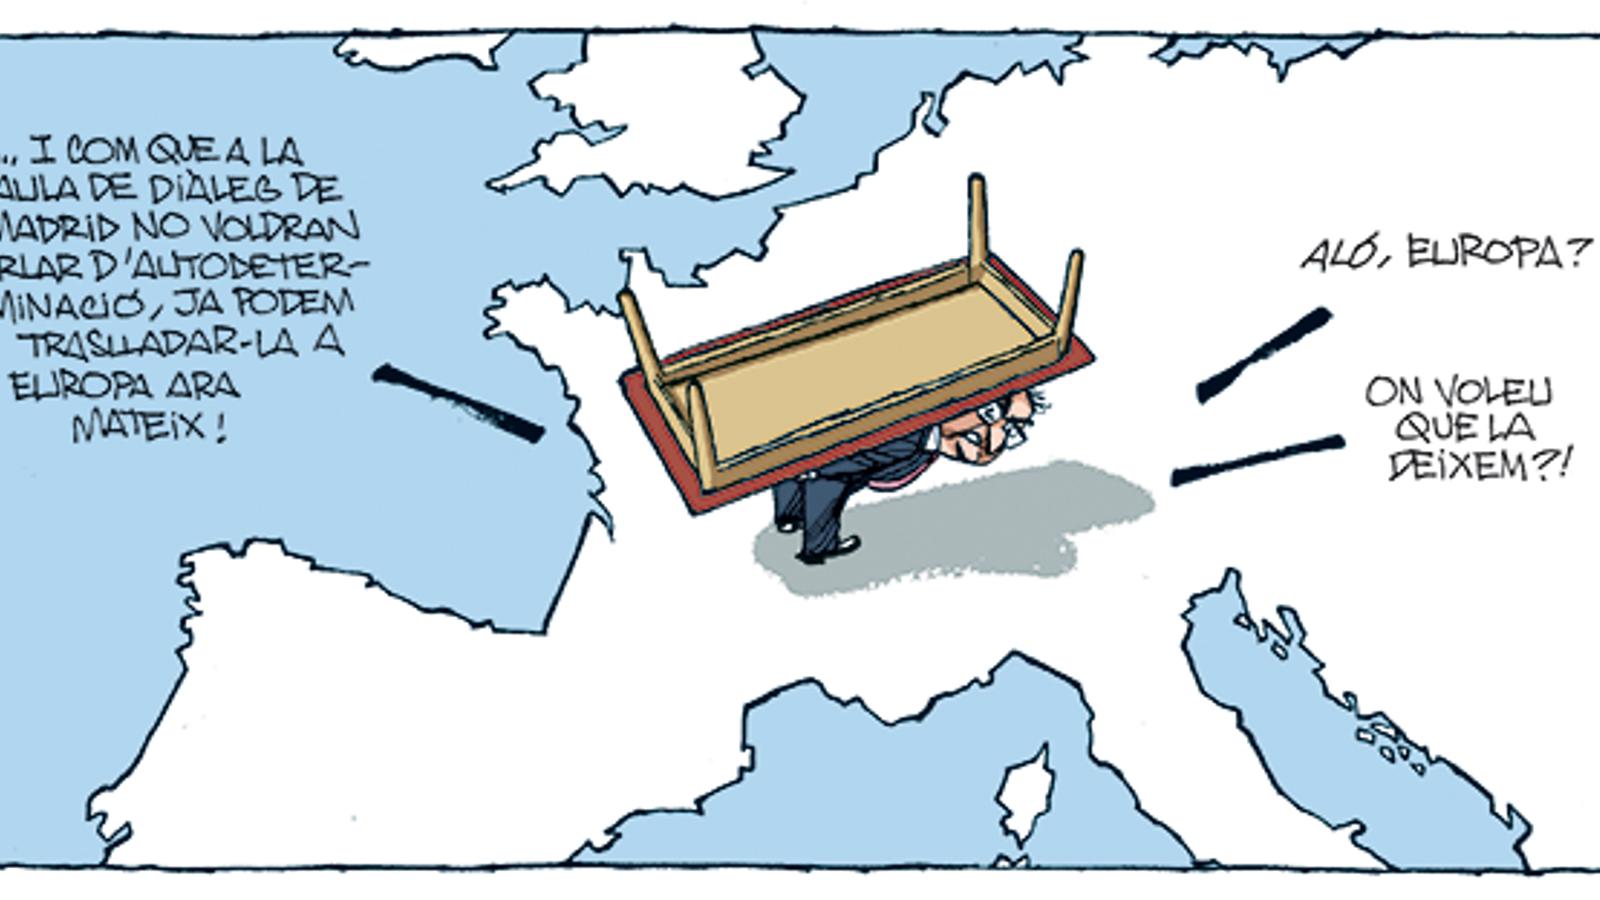 'A la contra', per Manel Fontdevila 19/08/2020